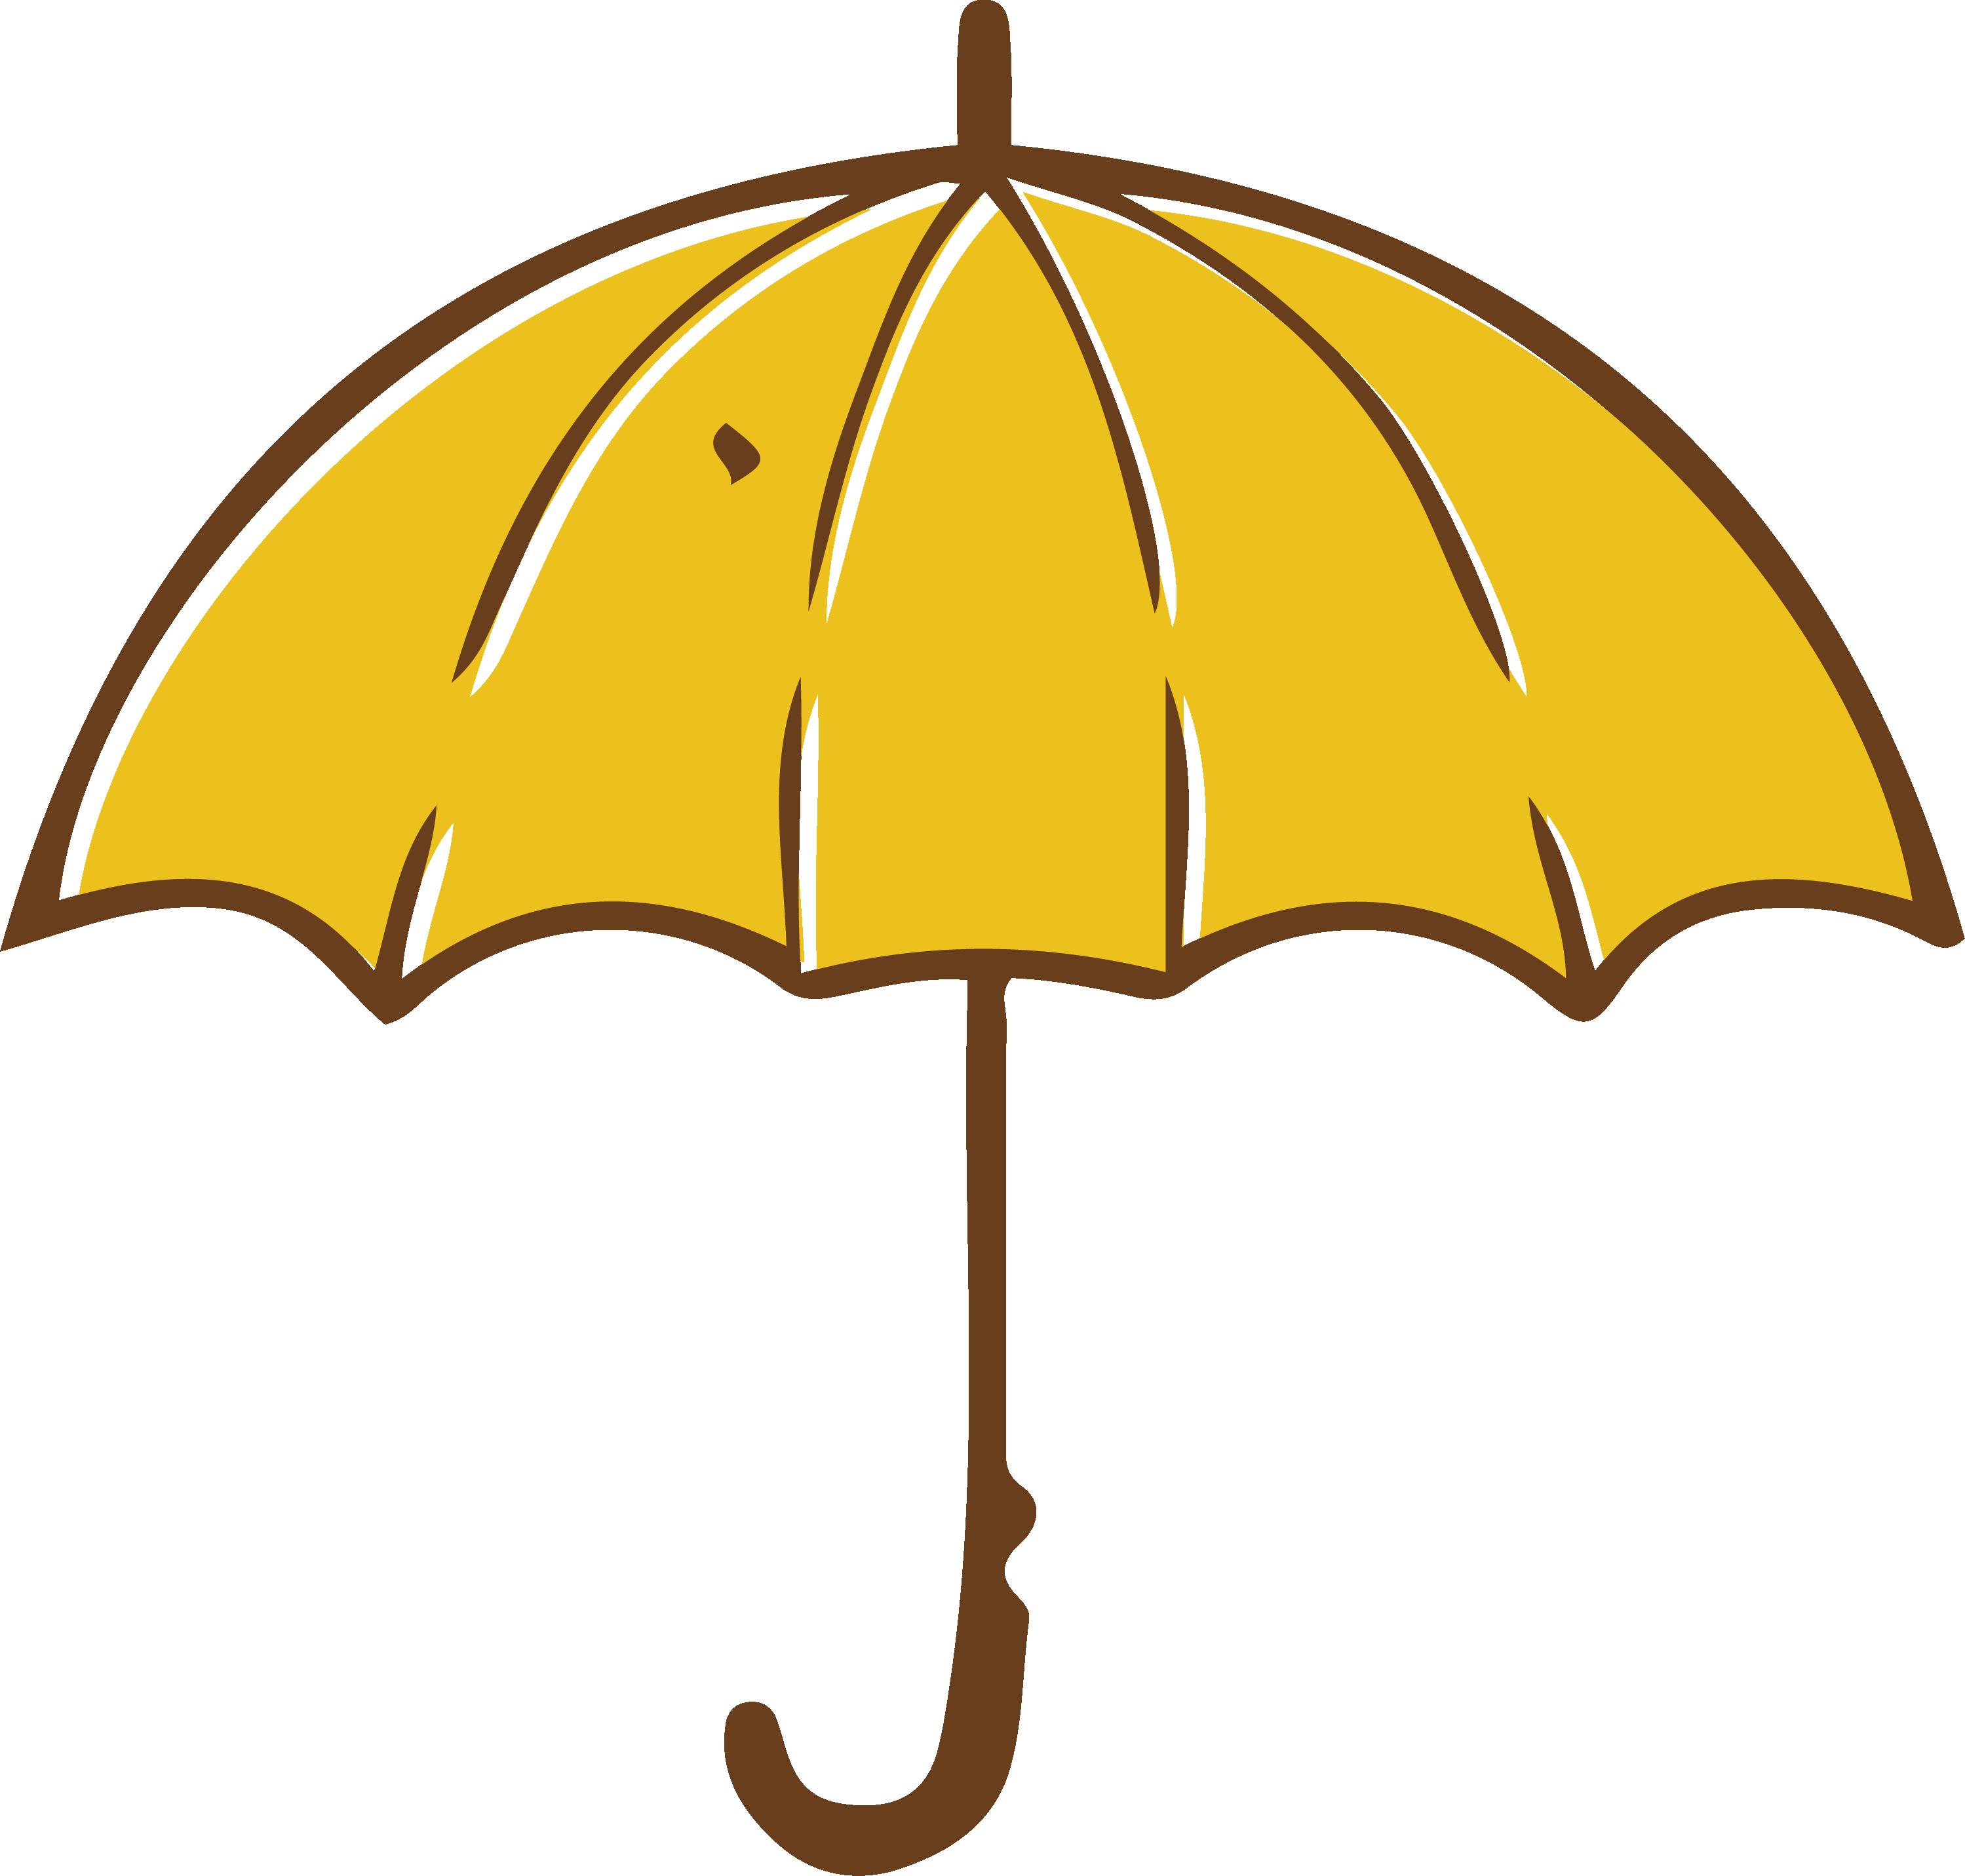 Yellow umbrella clipart transparent Umbrella Yellow Clip art - Yellow umbrella png download ... transparent